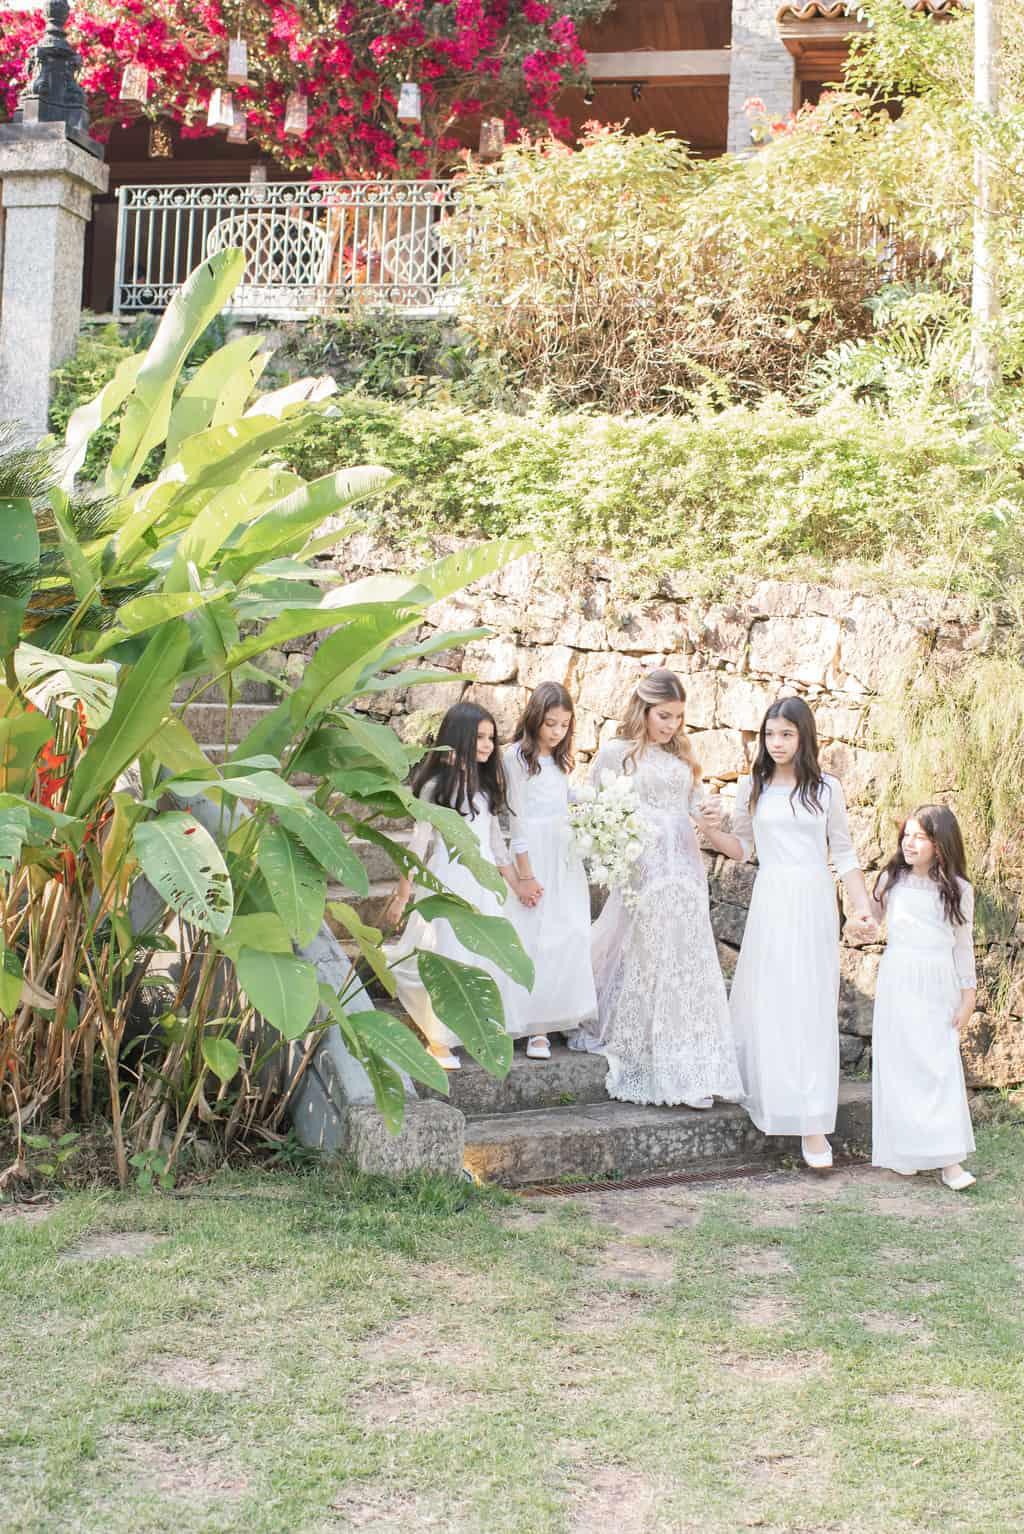 Casamento-Paula-e-Alex-Fotografia-Marina-Fava-entrada-da-noiva-com-as-filhas